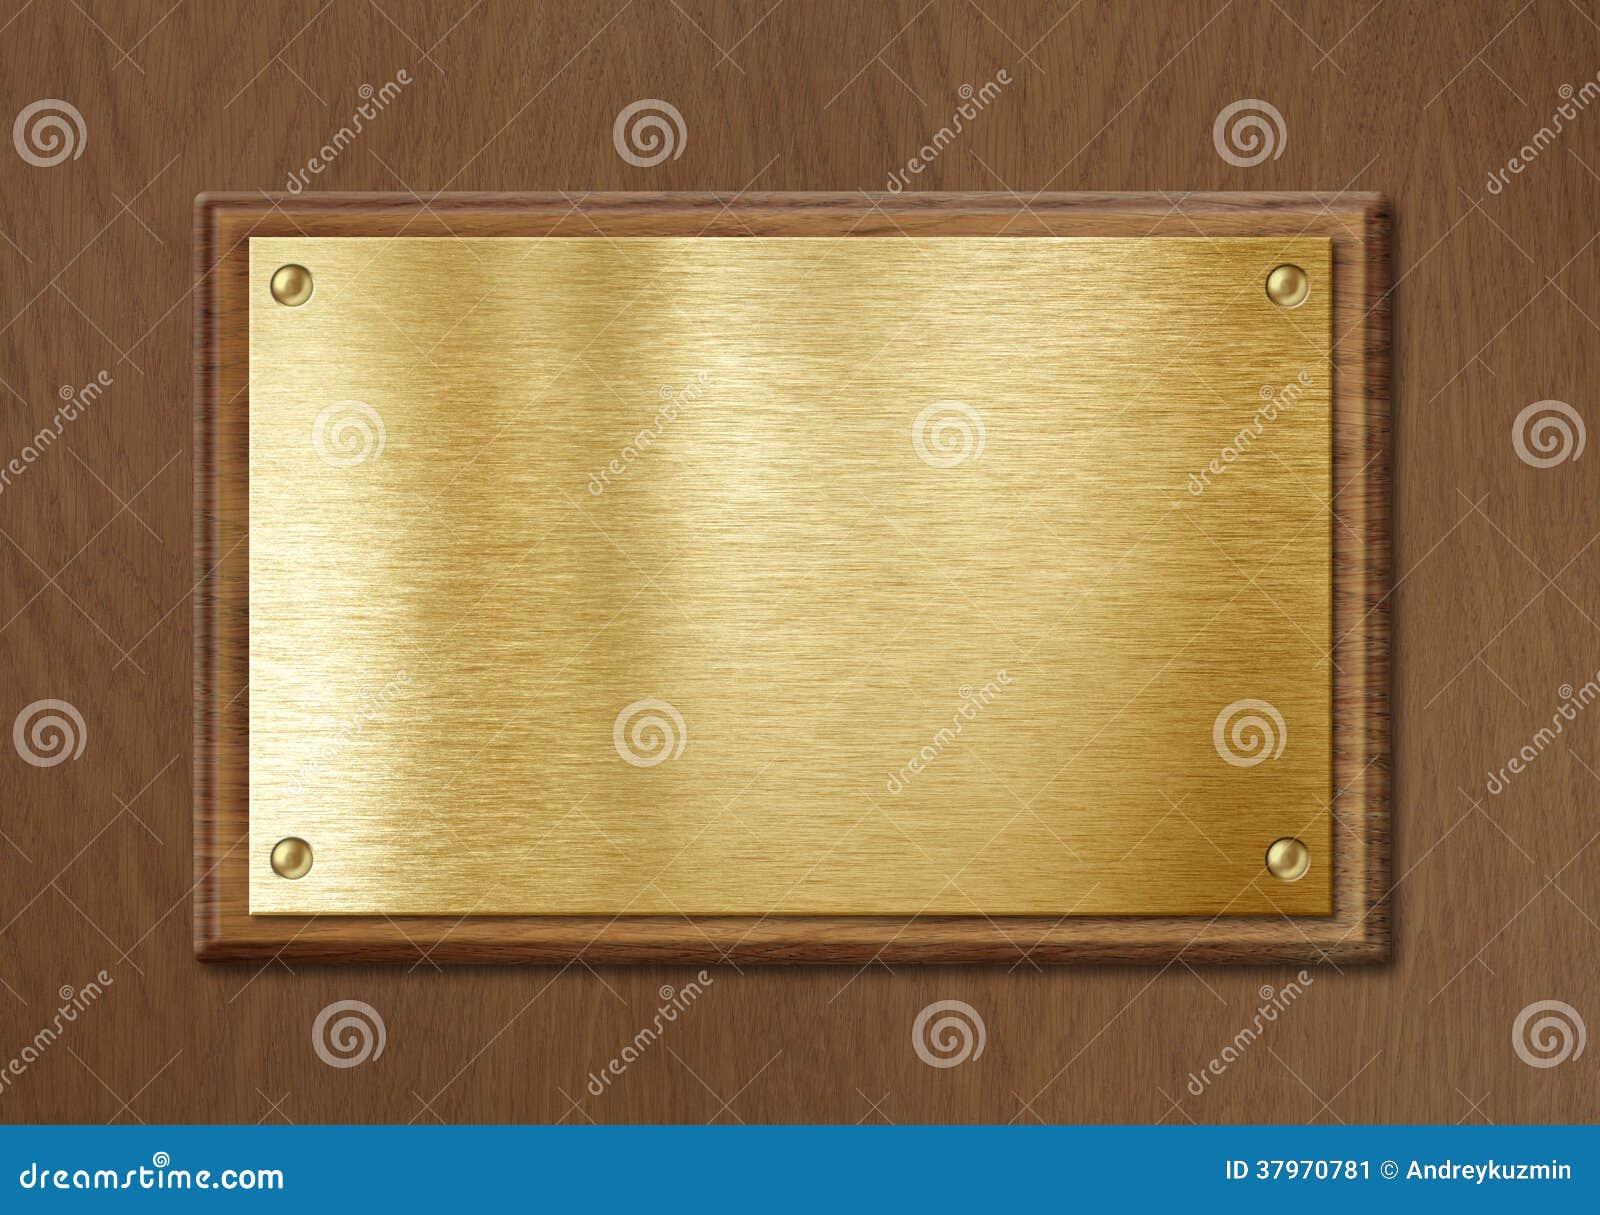 Goldene oder Messingplatte für Nameboard- oder Diplomhintergrundrahmen